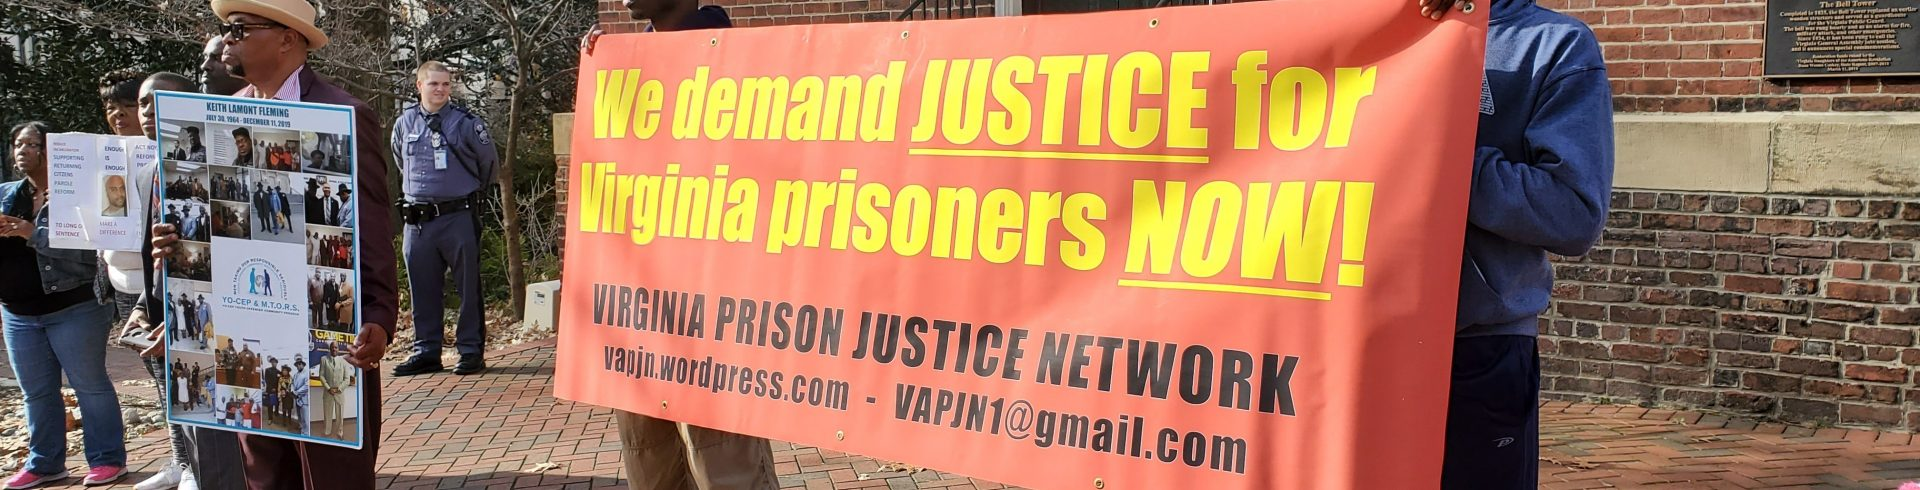 Virginia Prison Justice Network Car Caravan